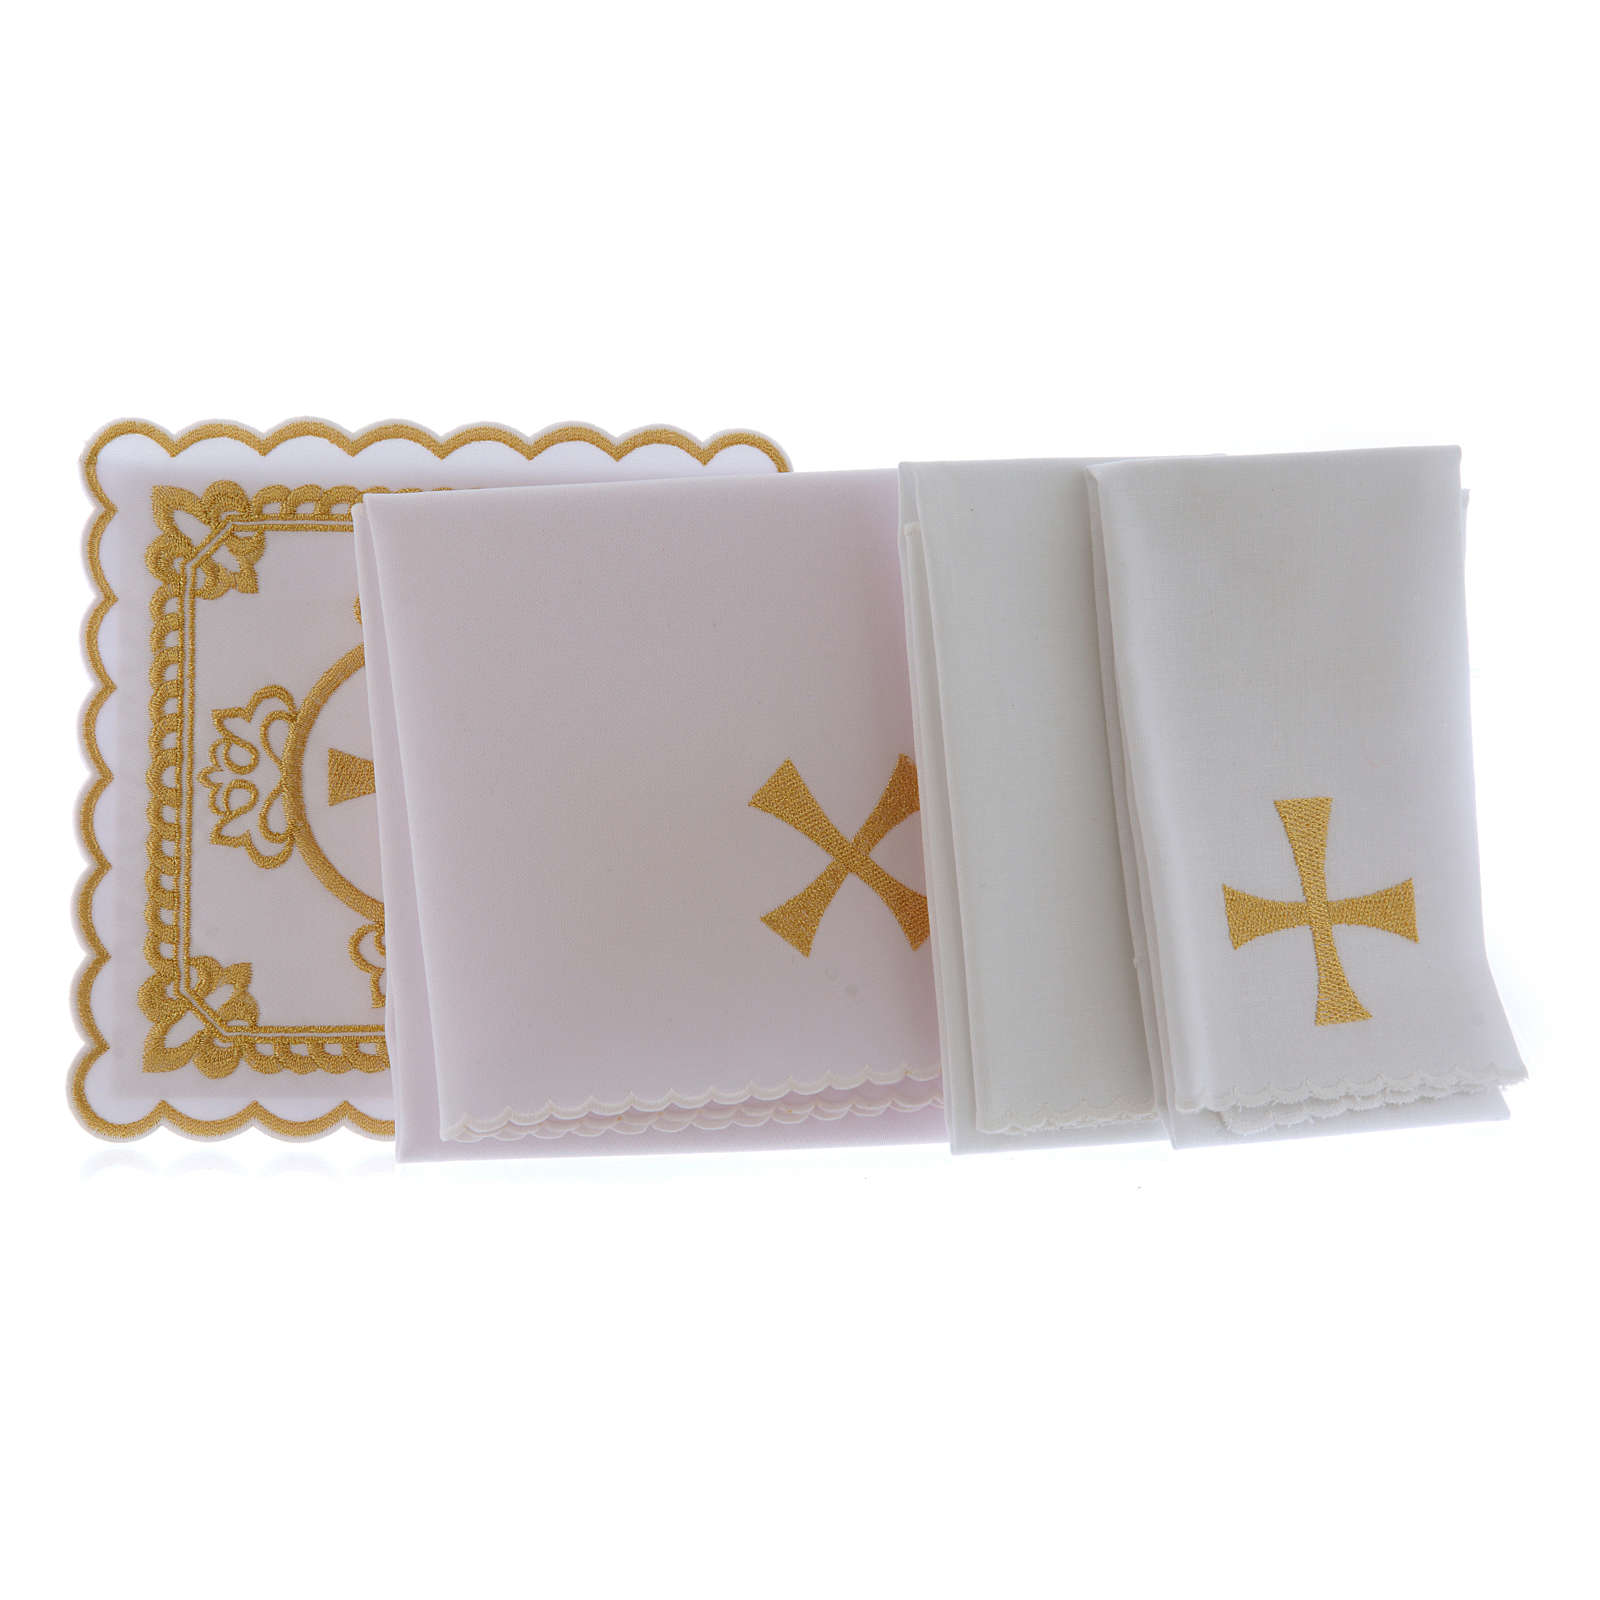 Servicio de altar algodón cruz motivos bordados dorados 4